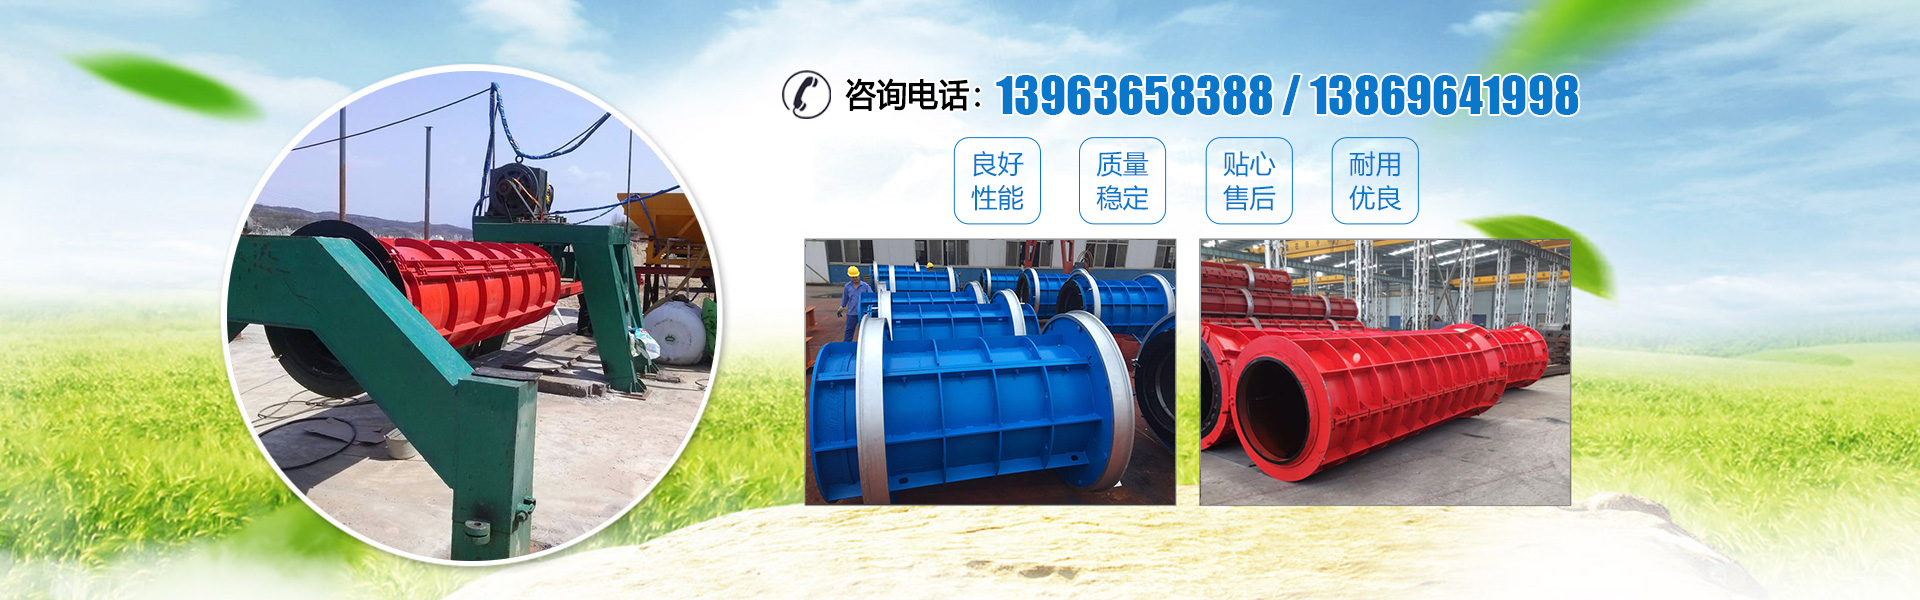 青州市峻达重工科技有限公司